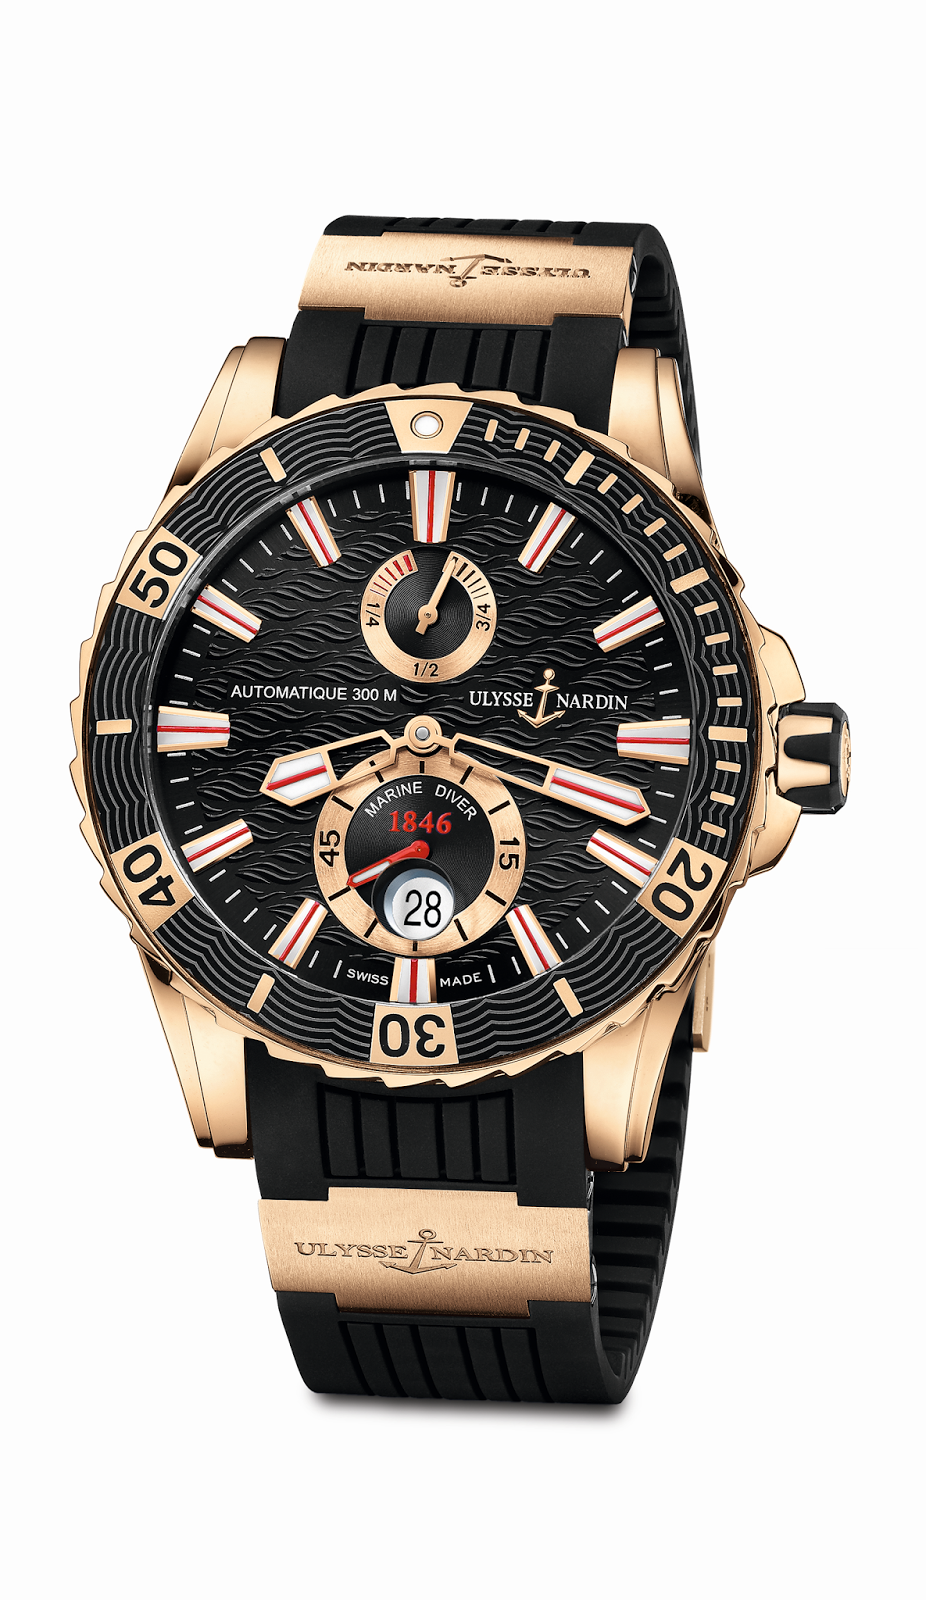 Часы ulysse nardin marine chronometer 300 meters 263 33 #888